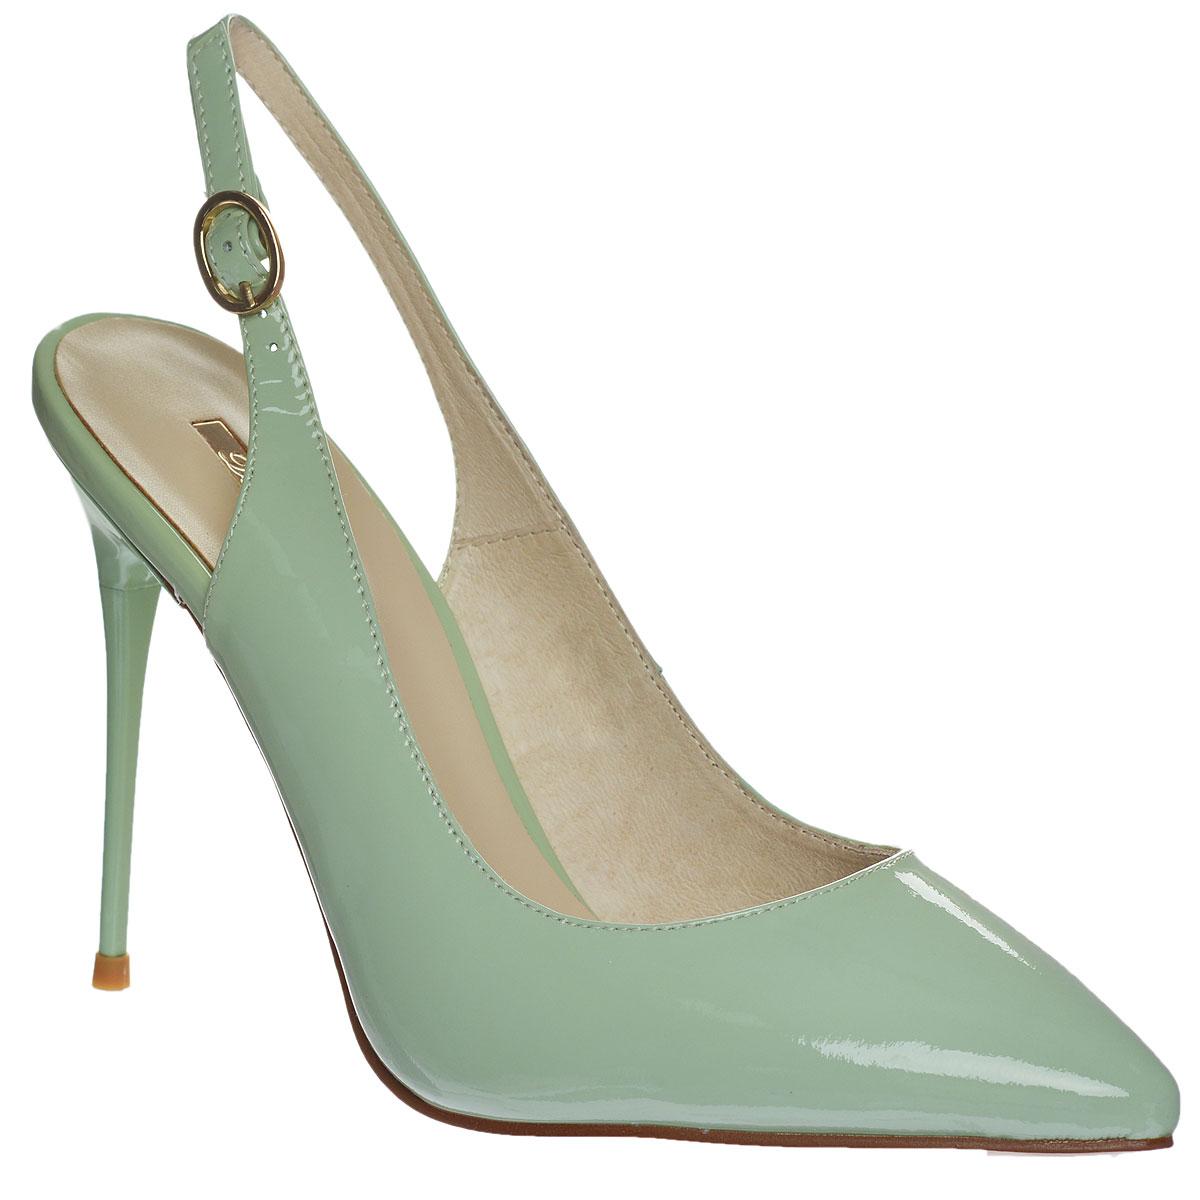 Туфли женские. 227-118-16227-118-16Трендовые женские туфли от Dino Ricci не оставят вас незамеченной! Модель выполнена из натуральной лакированной кожи. Зауженный носок смотрится женственно. Ремешок с металлической пряжкой овальной формы надежно зафиксирует модель на вашей щиколотке. Длина ремешка регулируется за счет болта. Стелька и подкладка из натуральной кожи обеспечивают комфорт при движении. Высокий каблук-шпилька компенсирован скрытой платформой. Подошва с противоскользящим рифлением оформлена металлической пластиной с гравировкой в виде названия бренда. Очаровательные туфли подчеркнут вашу утонченную натуру.